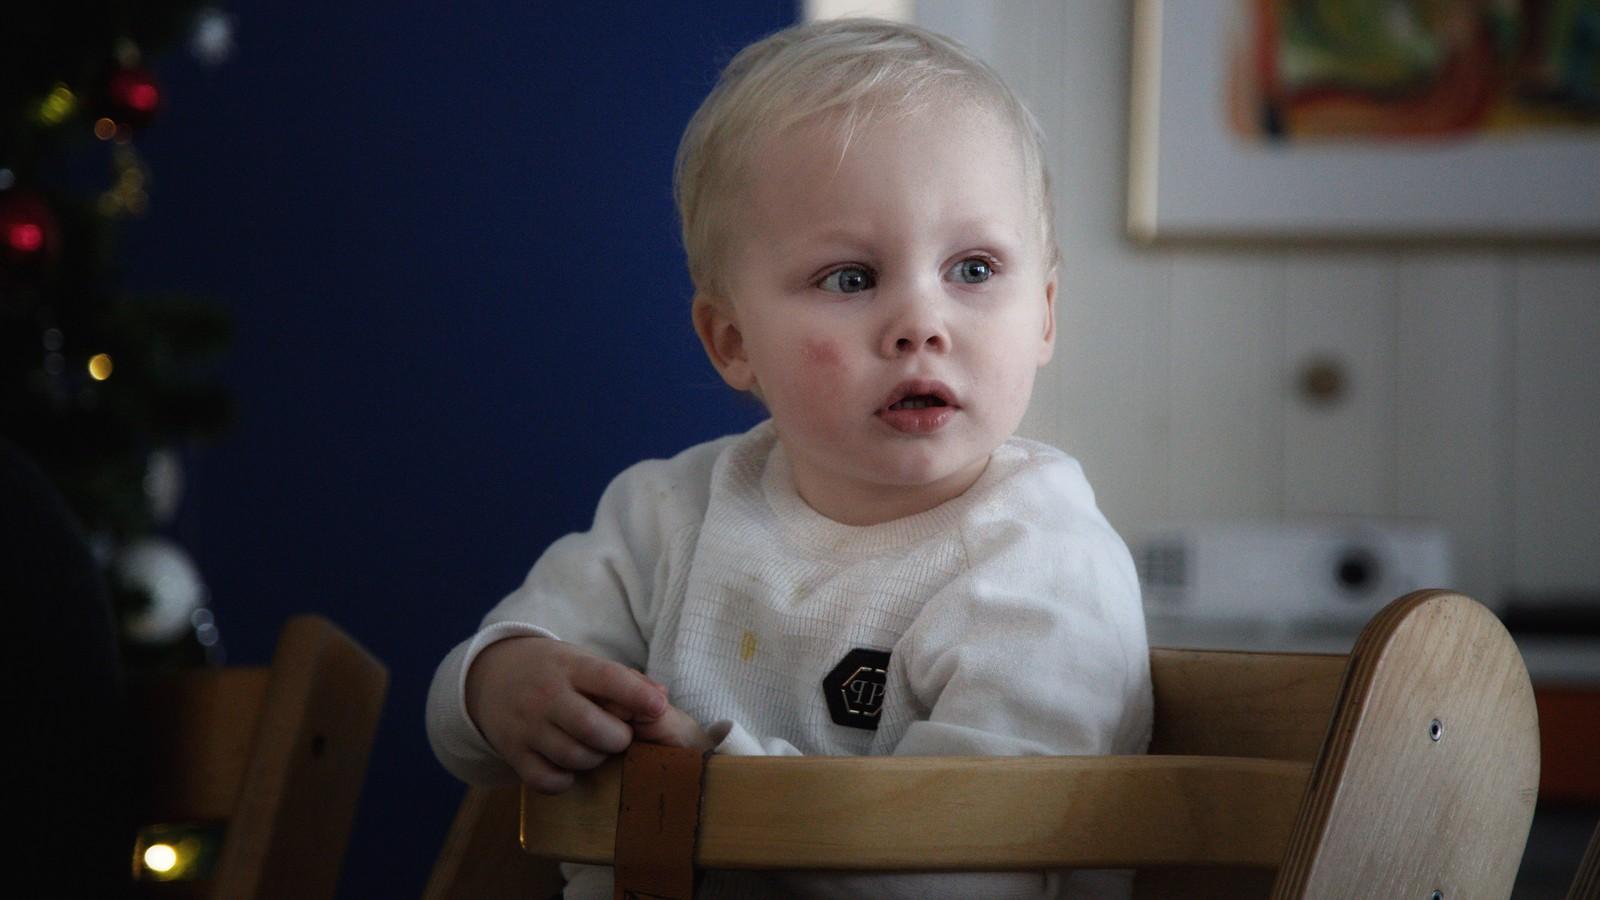 En lyshåret liten gutt holder noen i handa. Gutten smiler og er på vei fra høyre mot venstre inne i et rom.